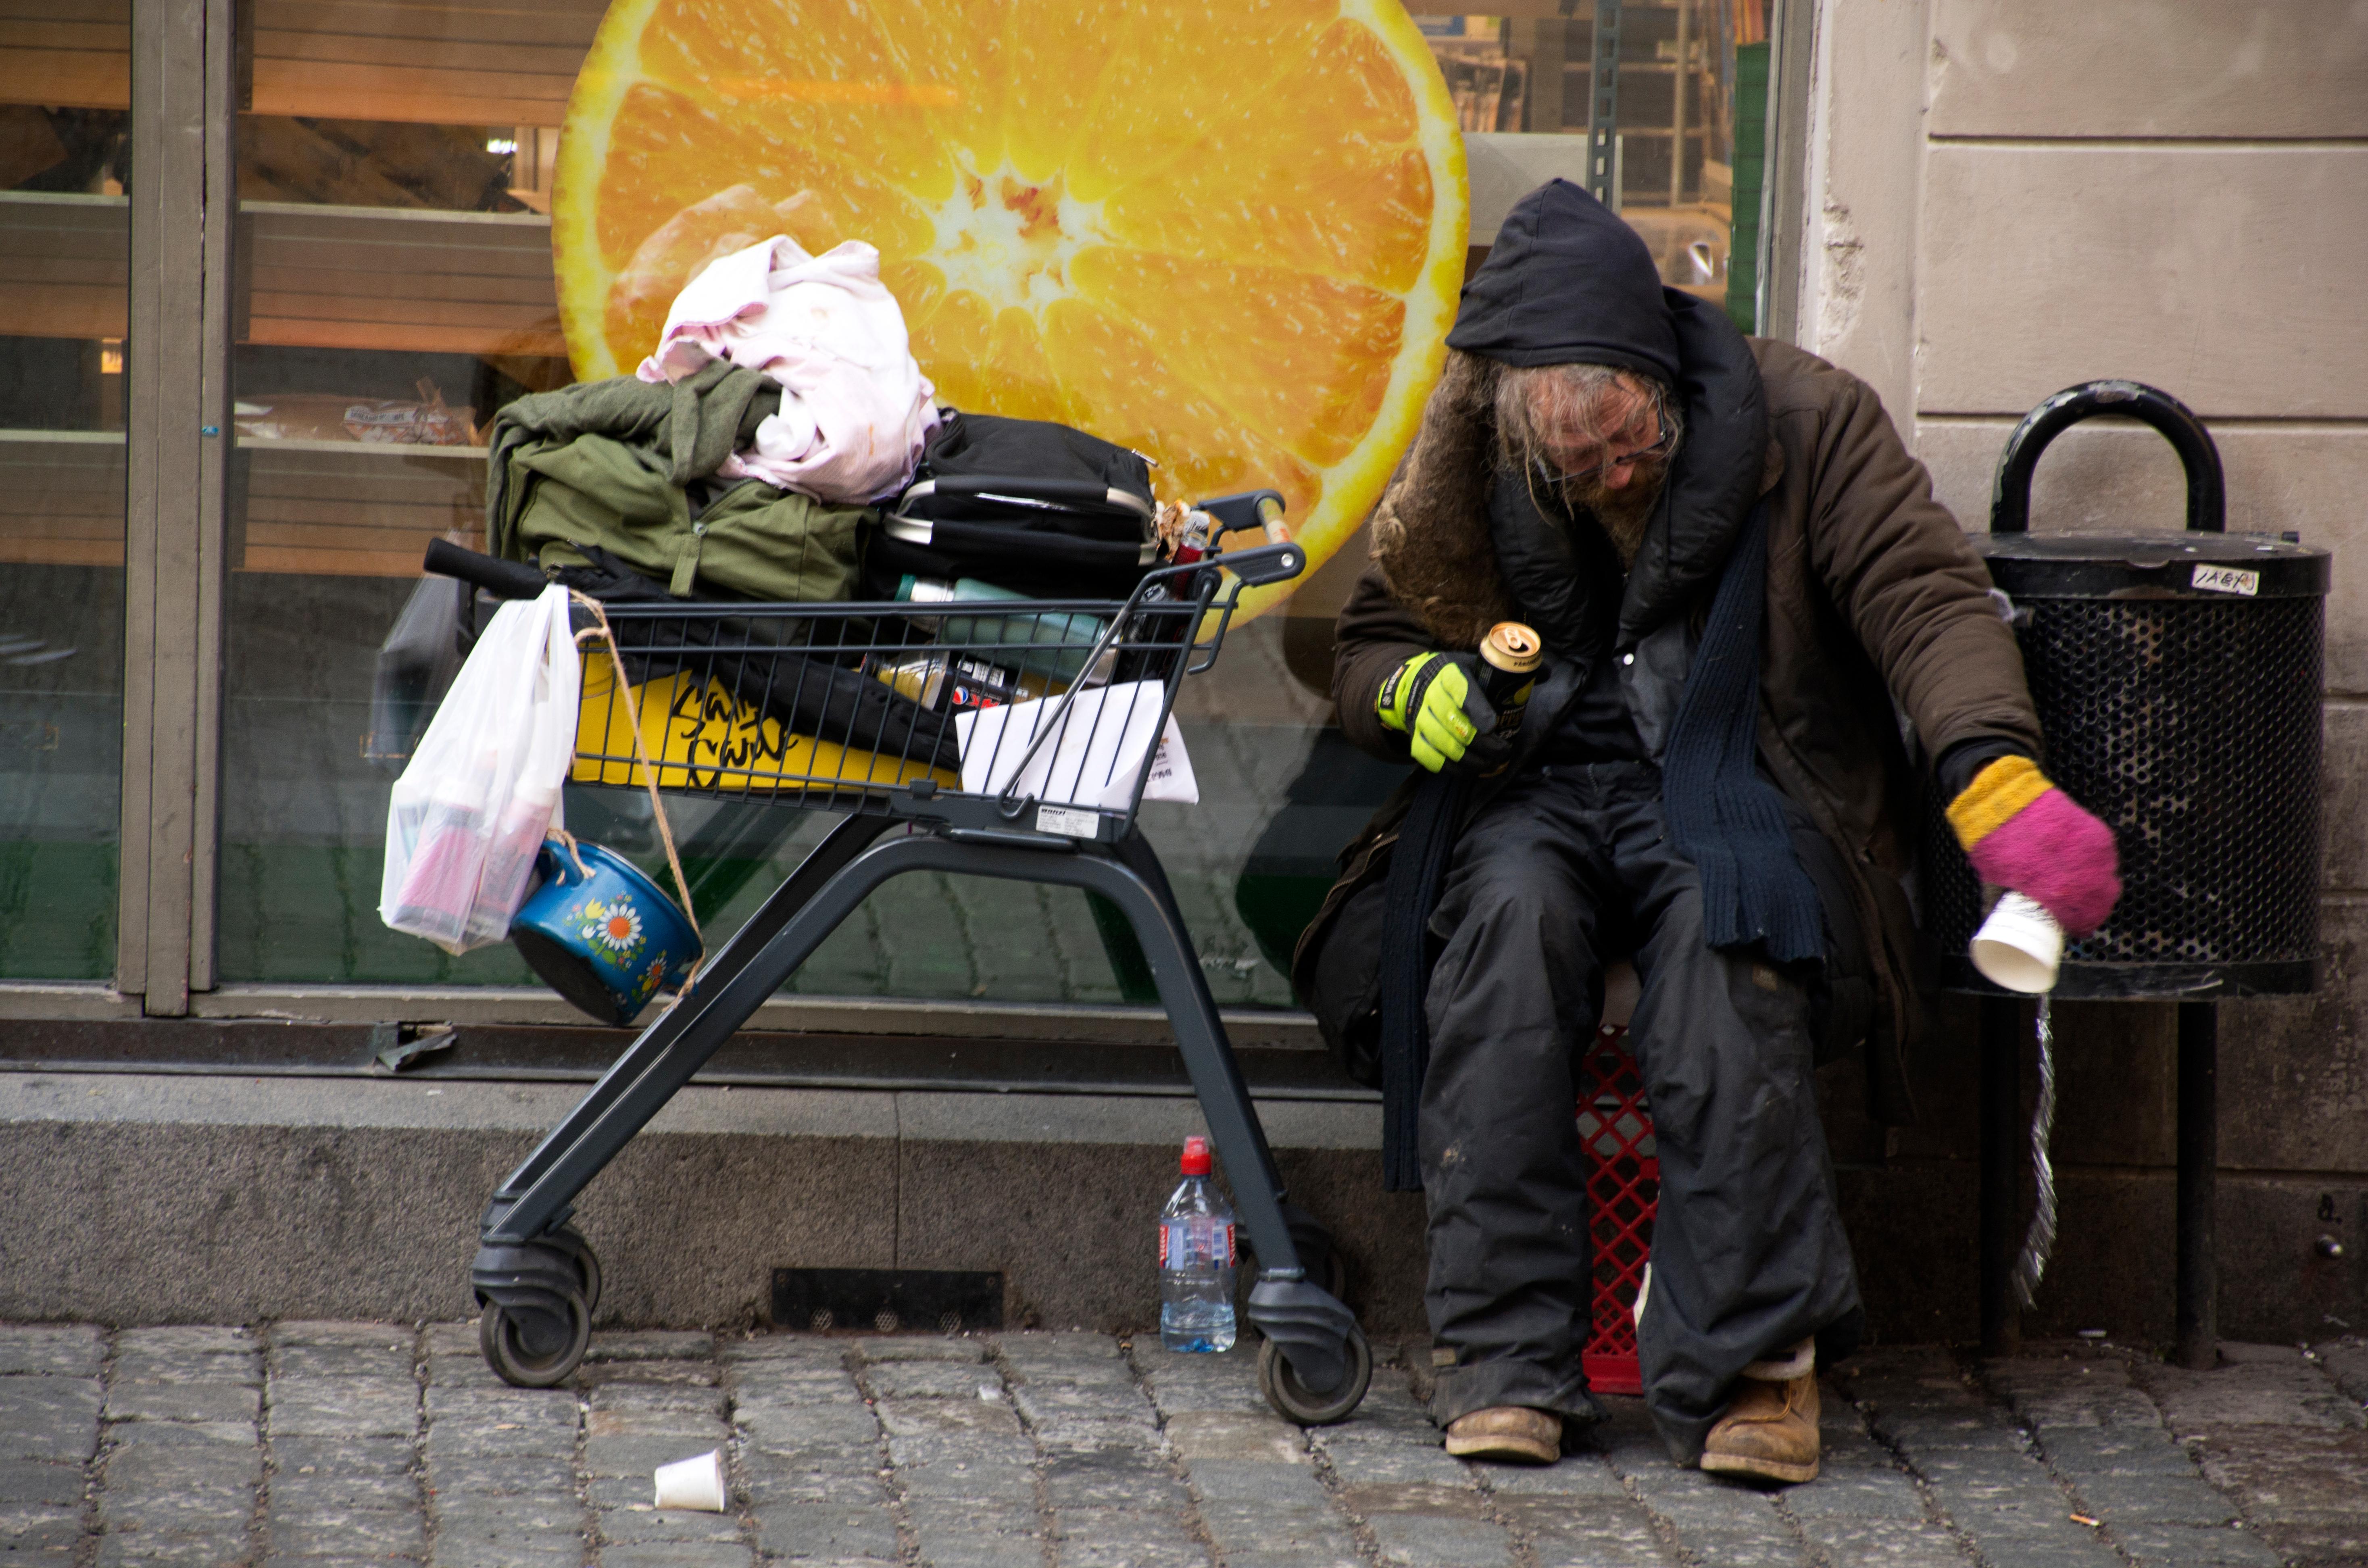 Eldsjälarna i pandemin: Stanna hemma förutsätter att du har ett hem